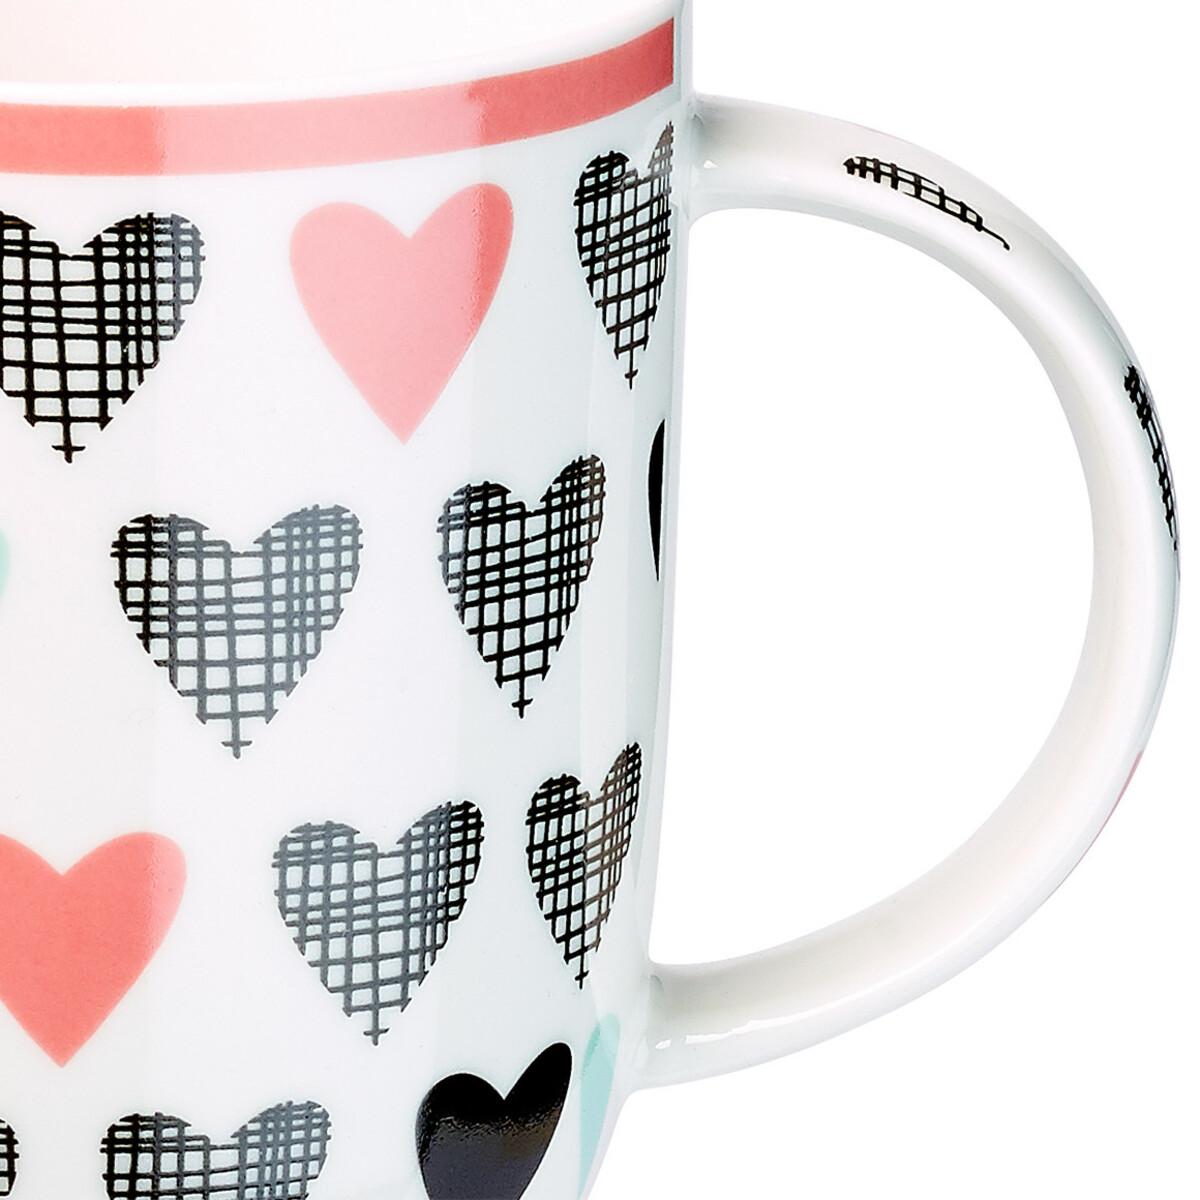 Bild 3 von Tasse mit Allover-Muster